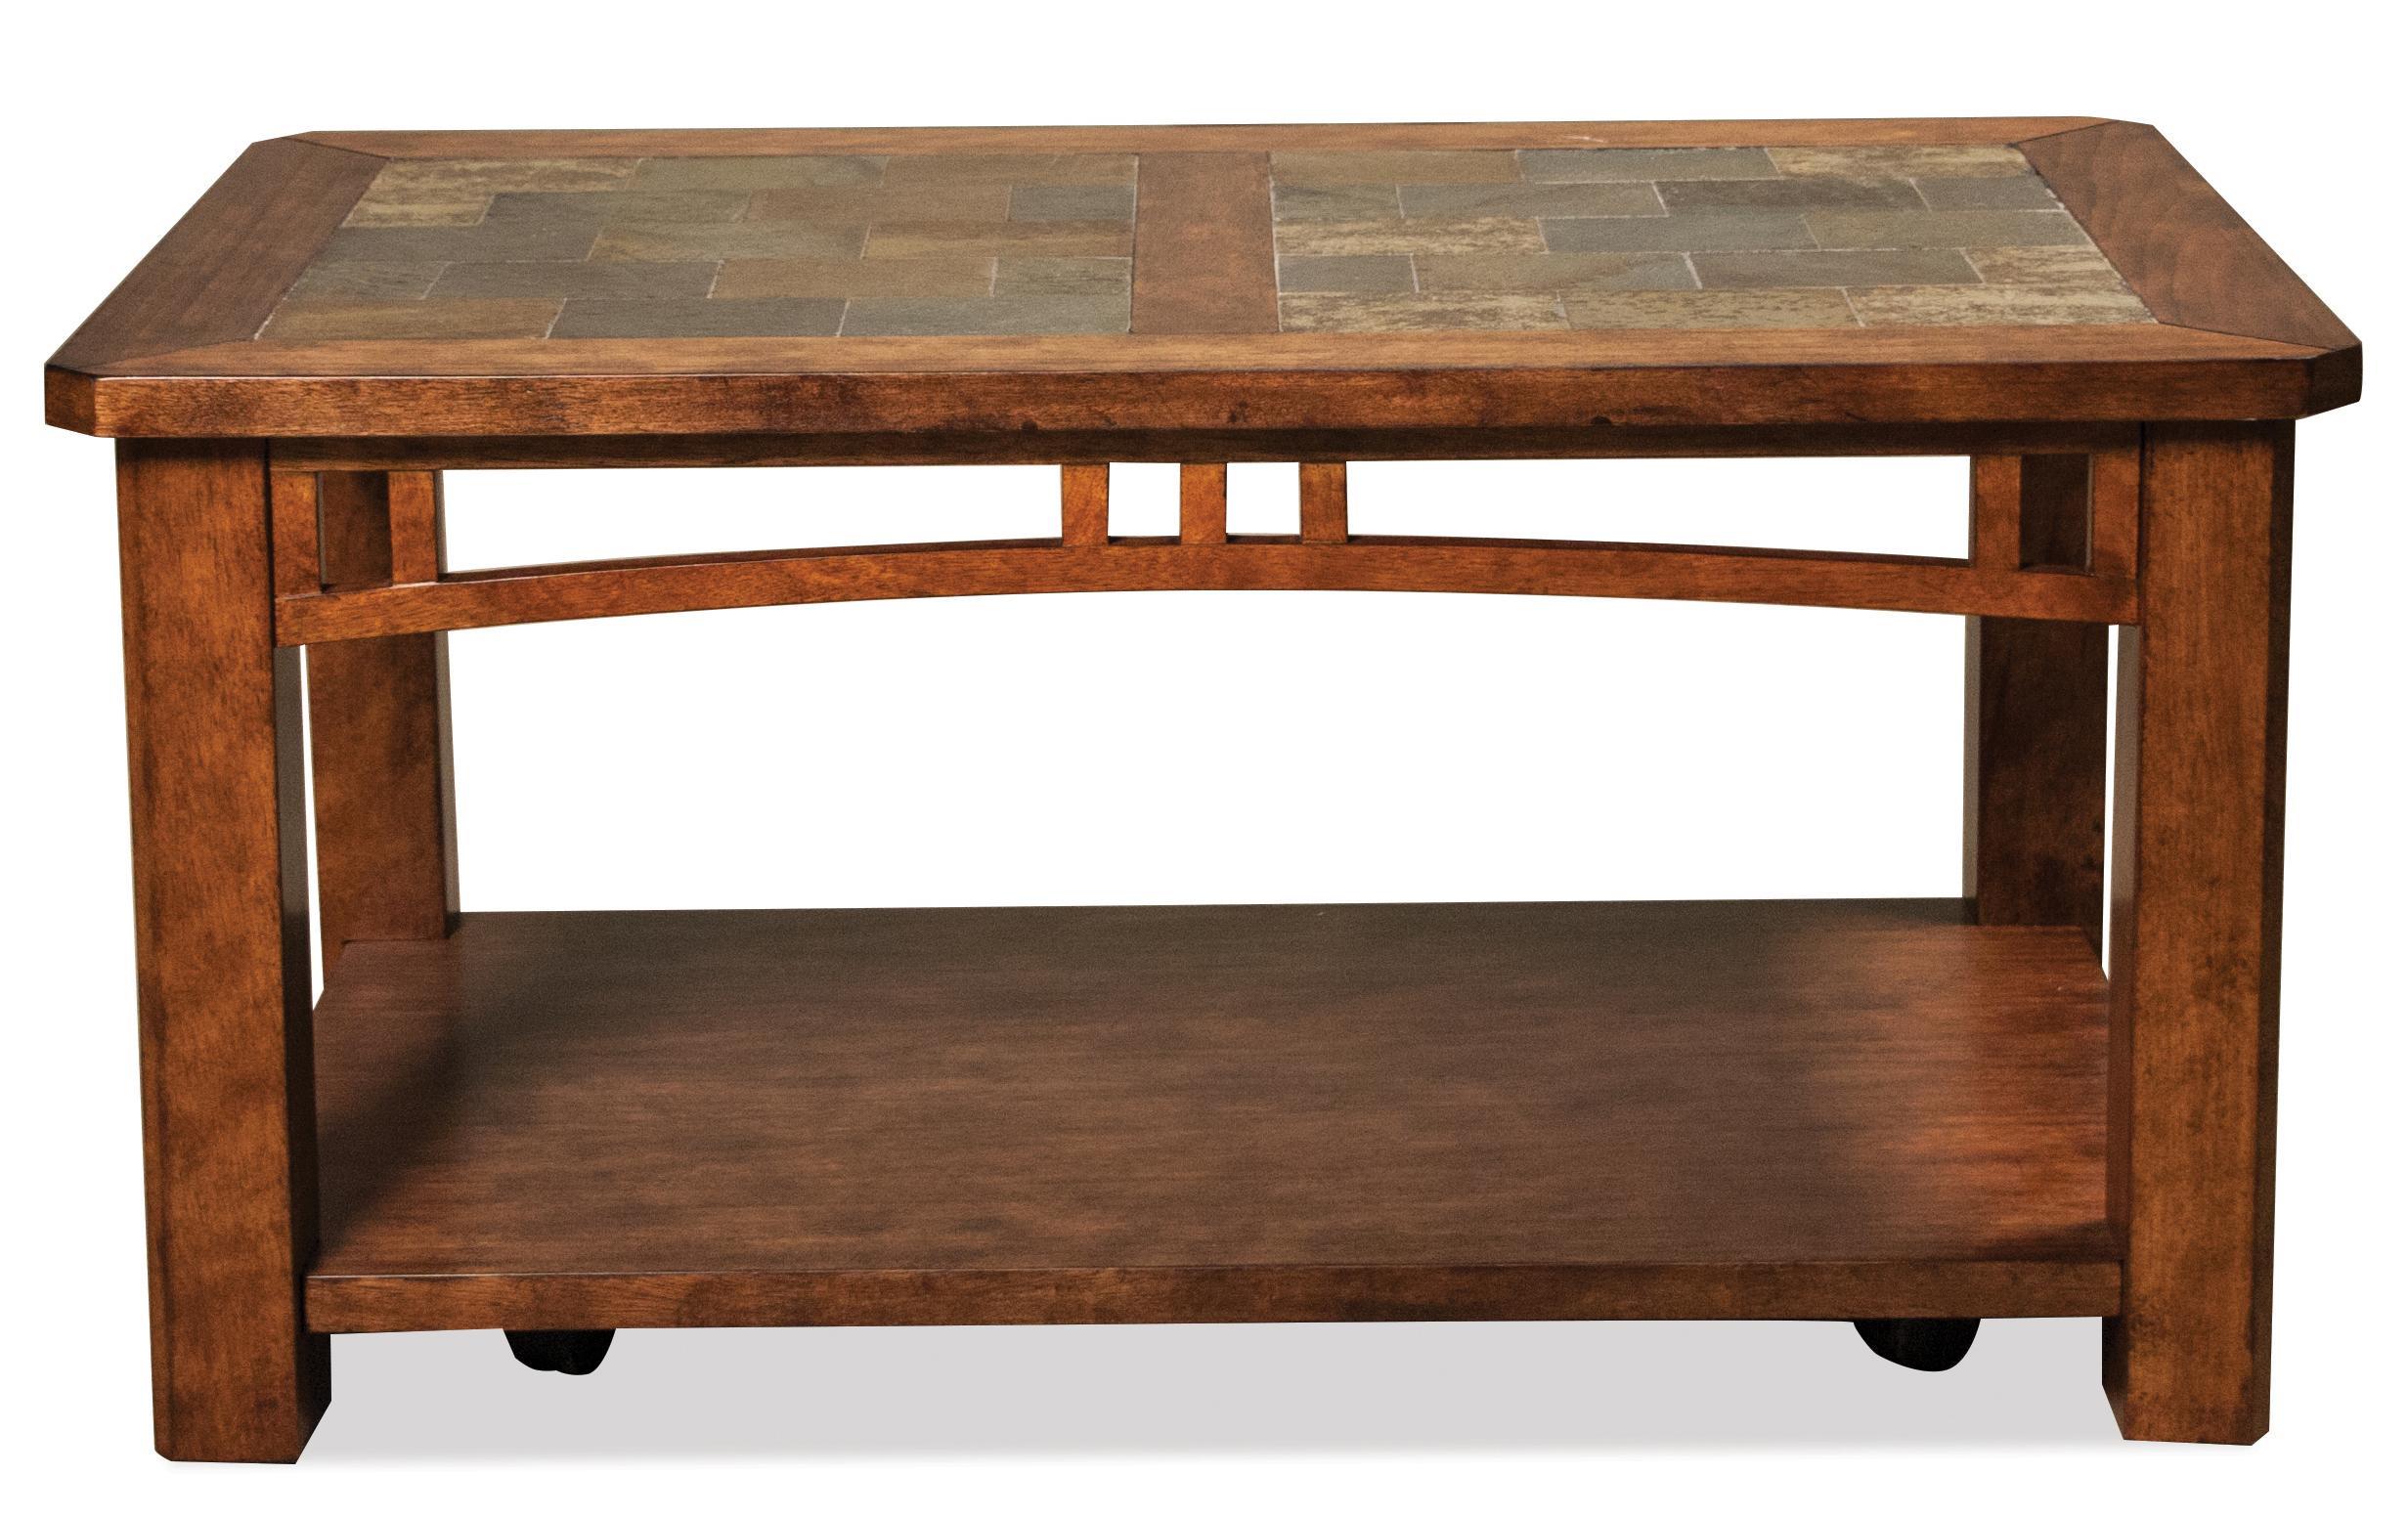 Riverside Furniture Preston Coffee Table W/ Casters